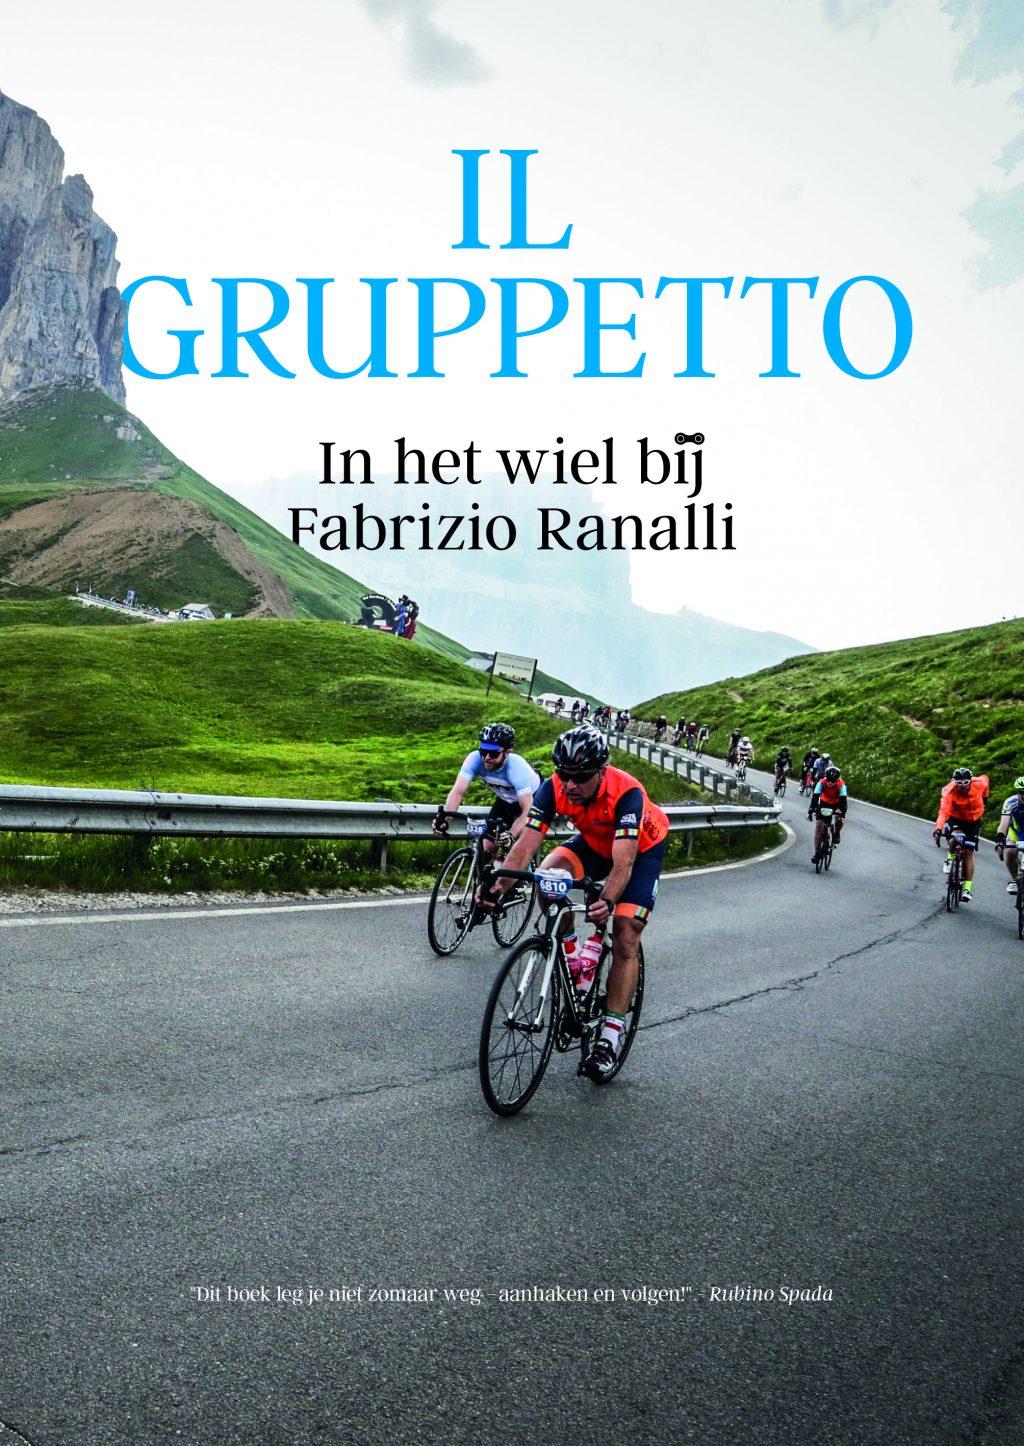 Apeldoorner Fabrizio Ranalli bundelt zijn fietsverhalen in een persoonlijk boek